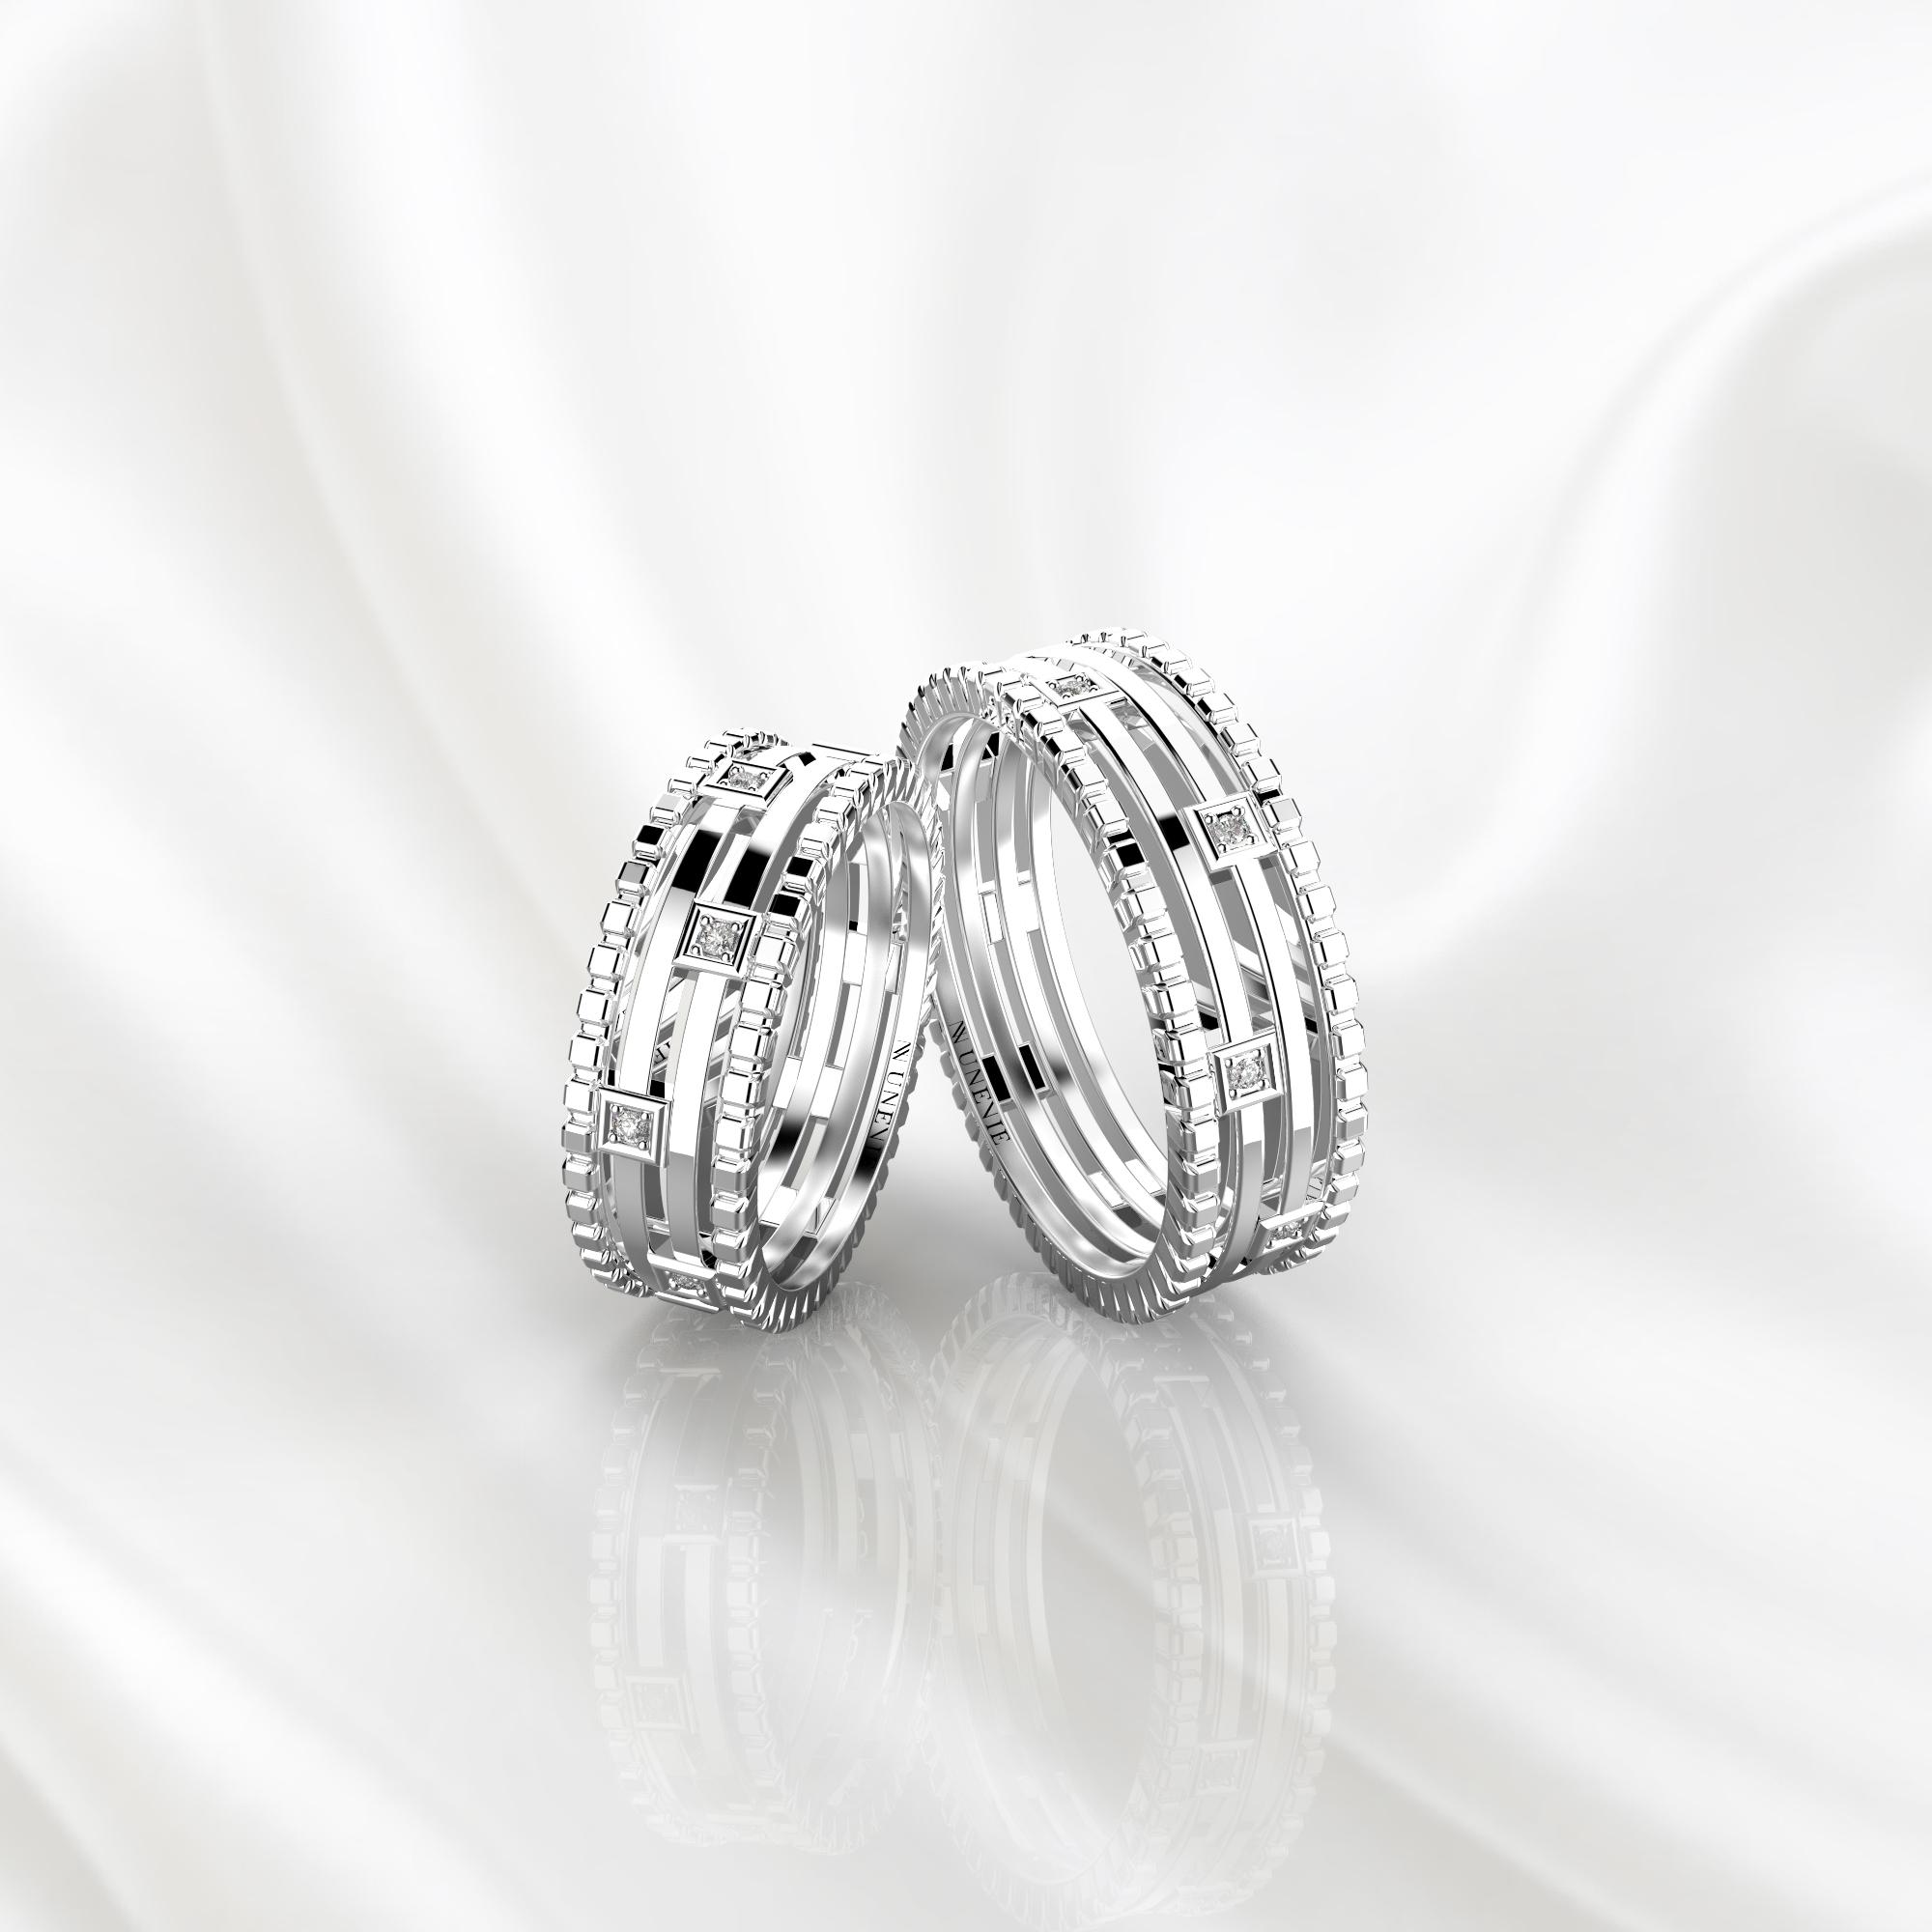 Парные дизайнерские кольца из белого золота